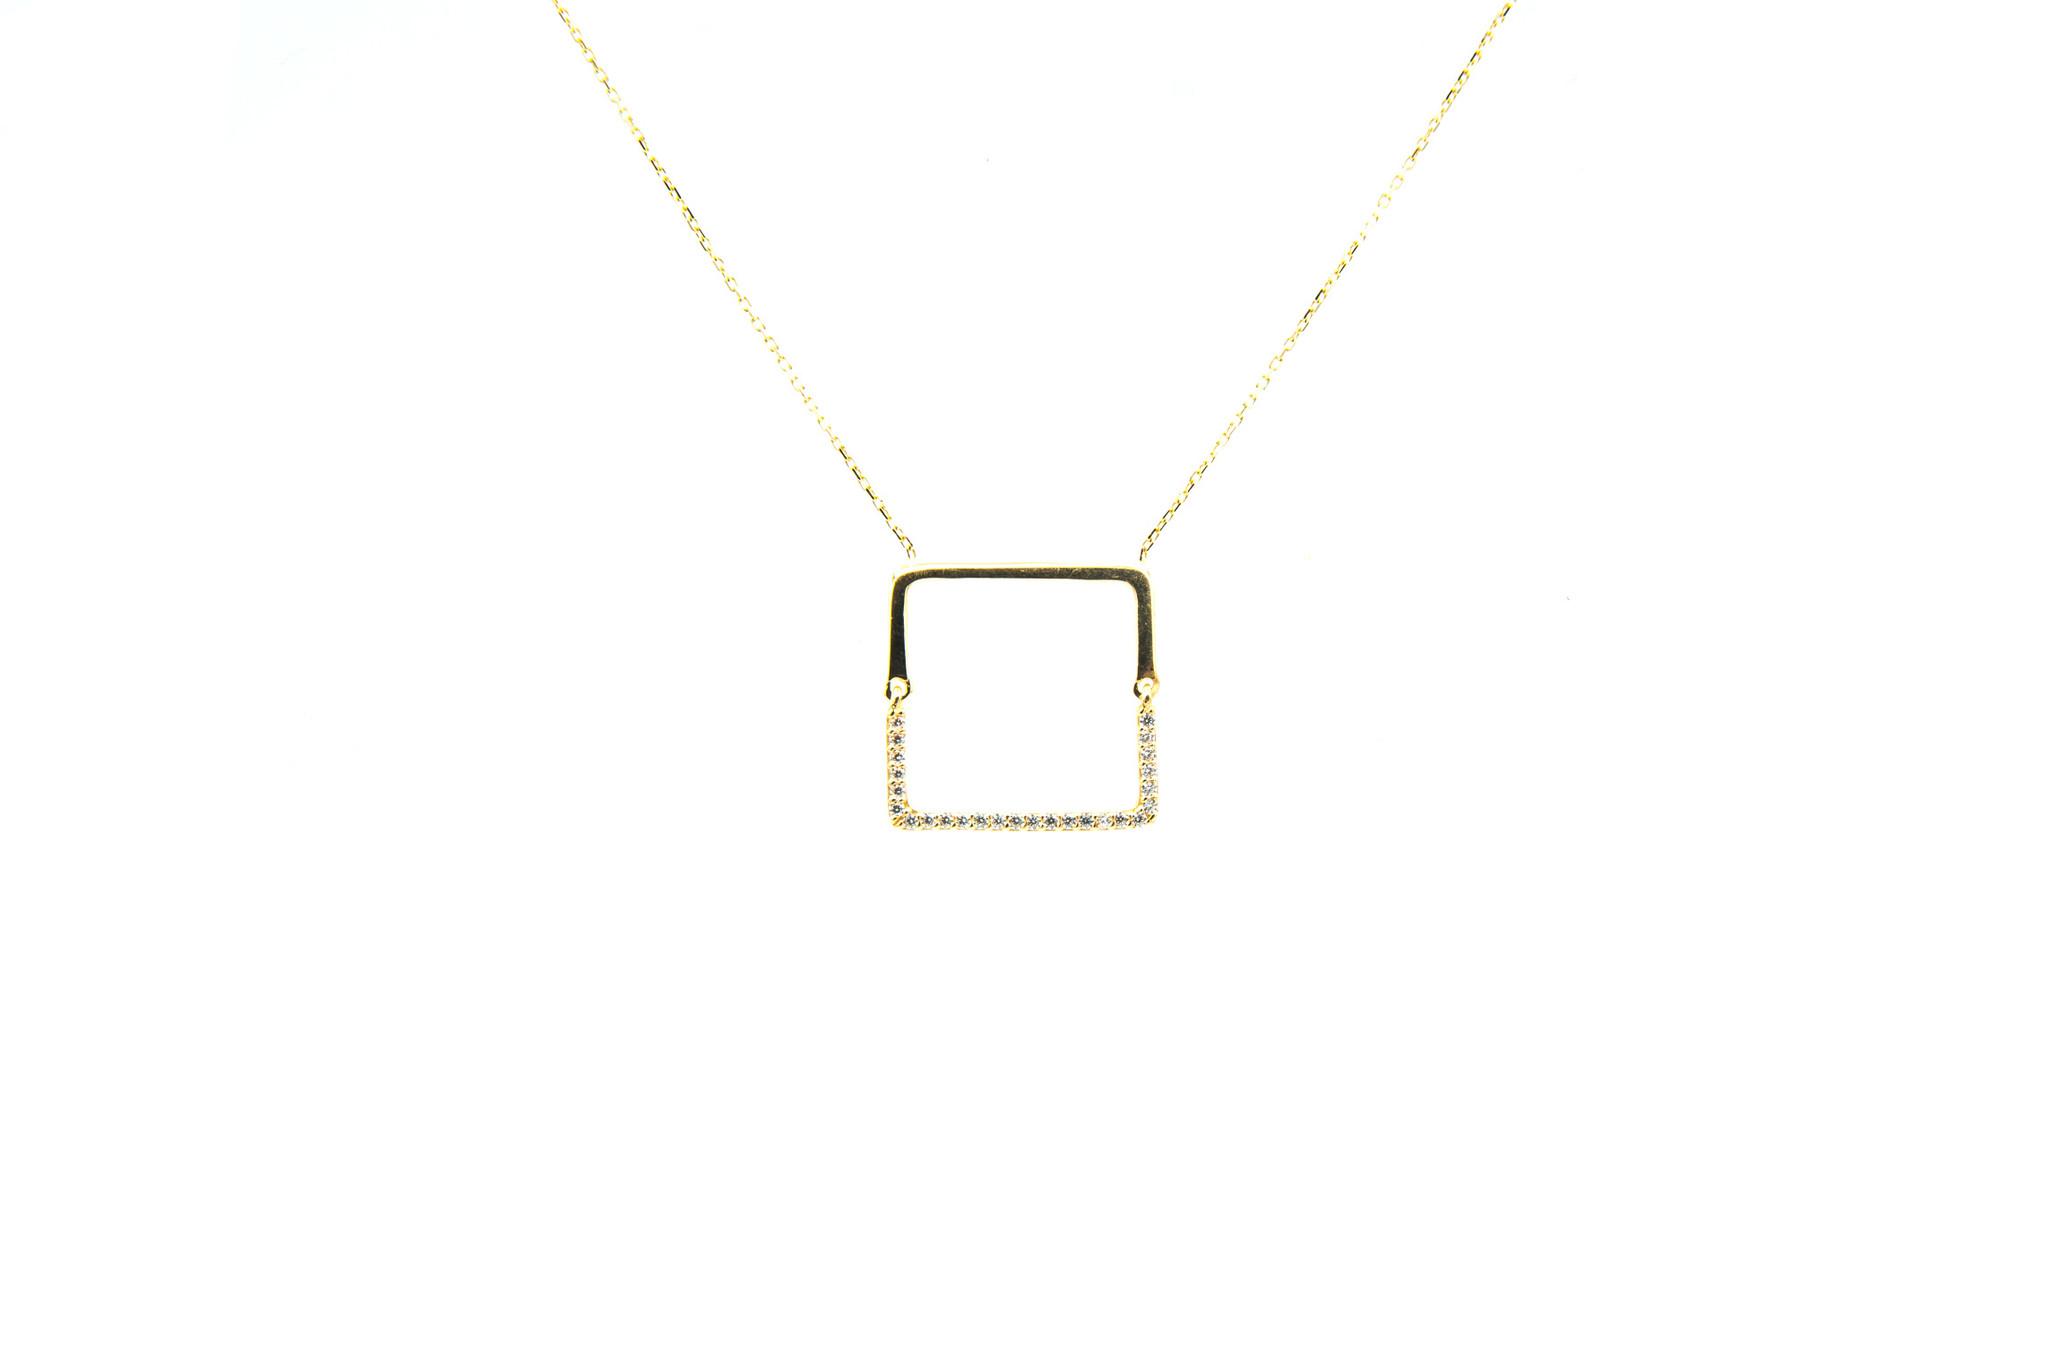 Ketting met vaste hanger vierkant en zirkonia's-2